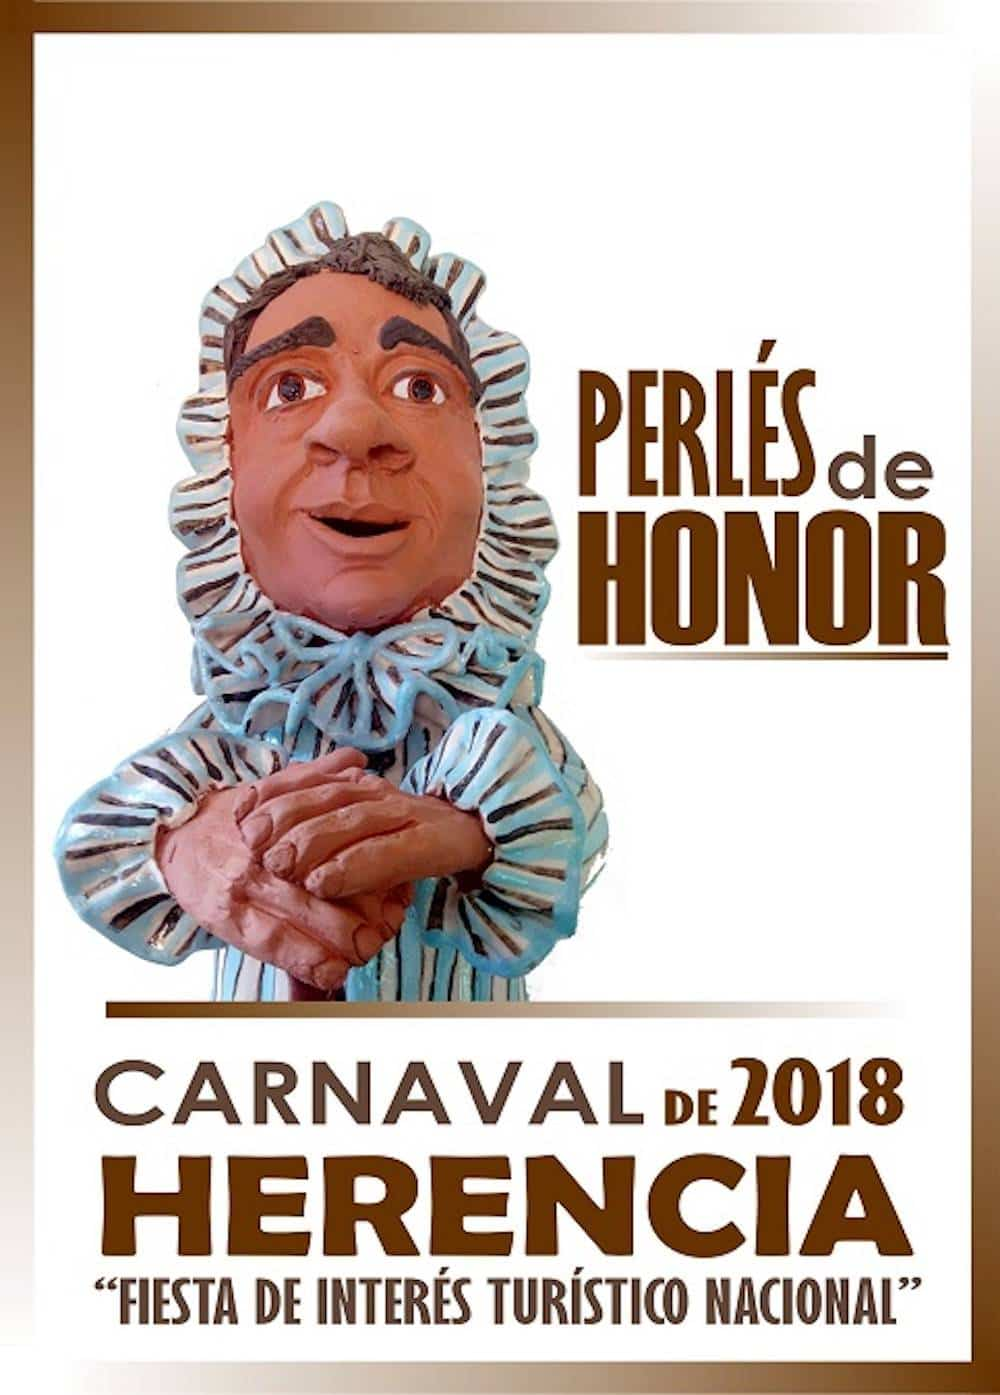 Conoce a los nominados para los Perlés de Honor del Carnaval de Herencia 3